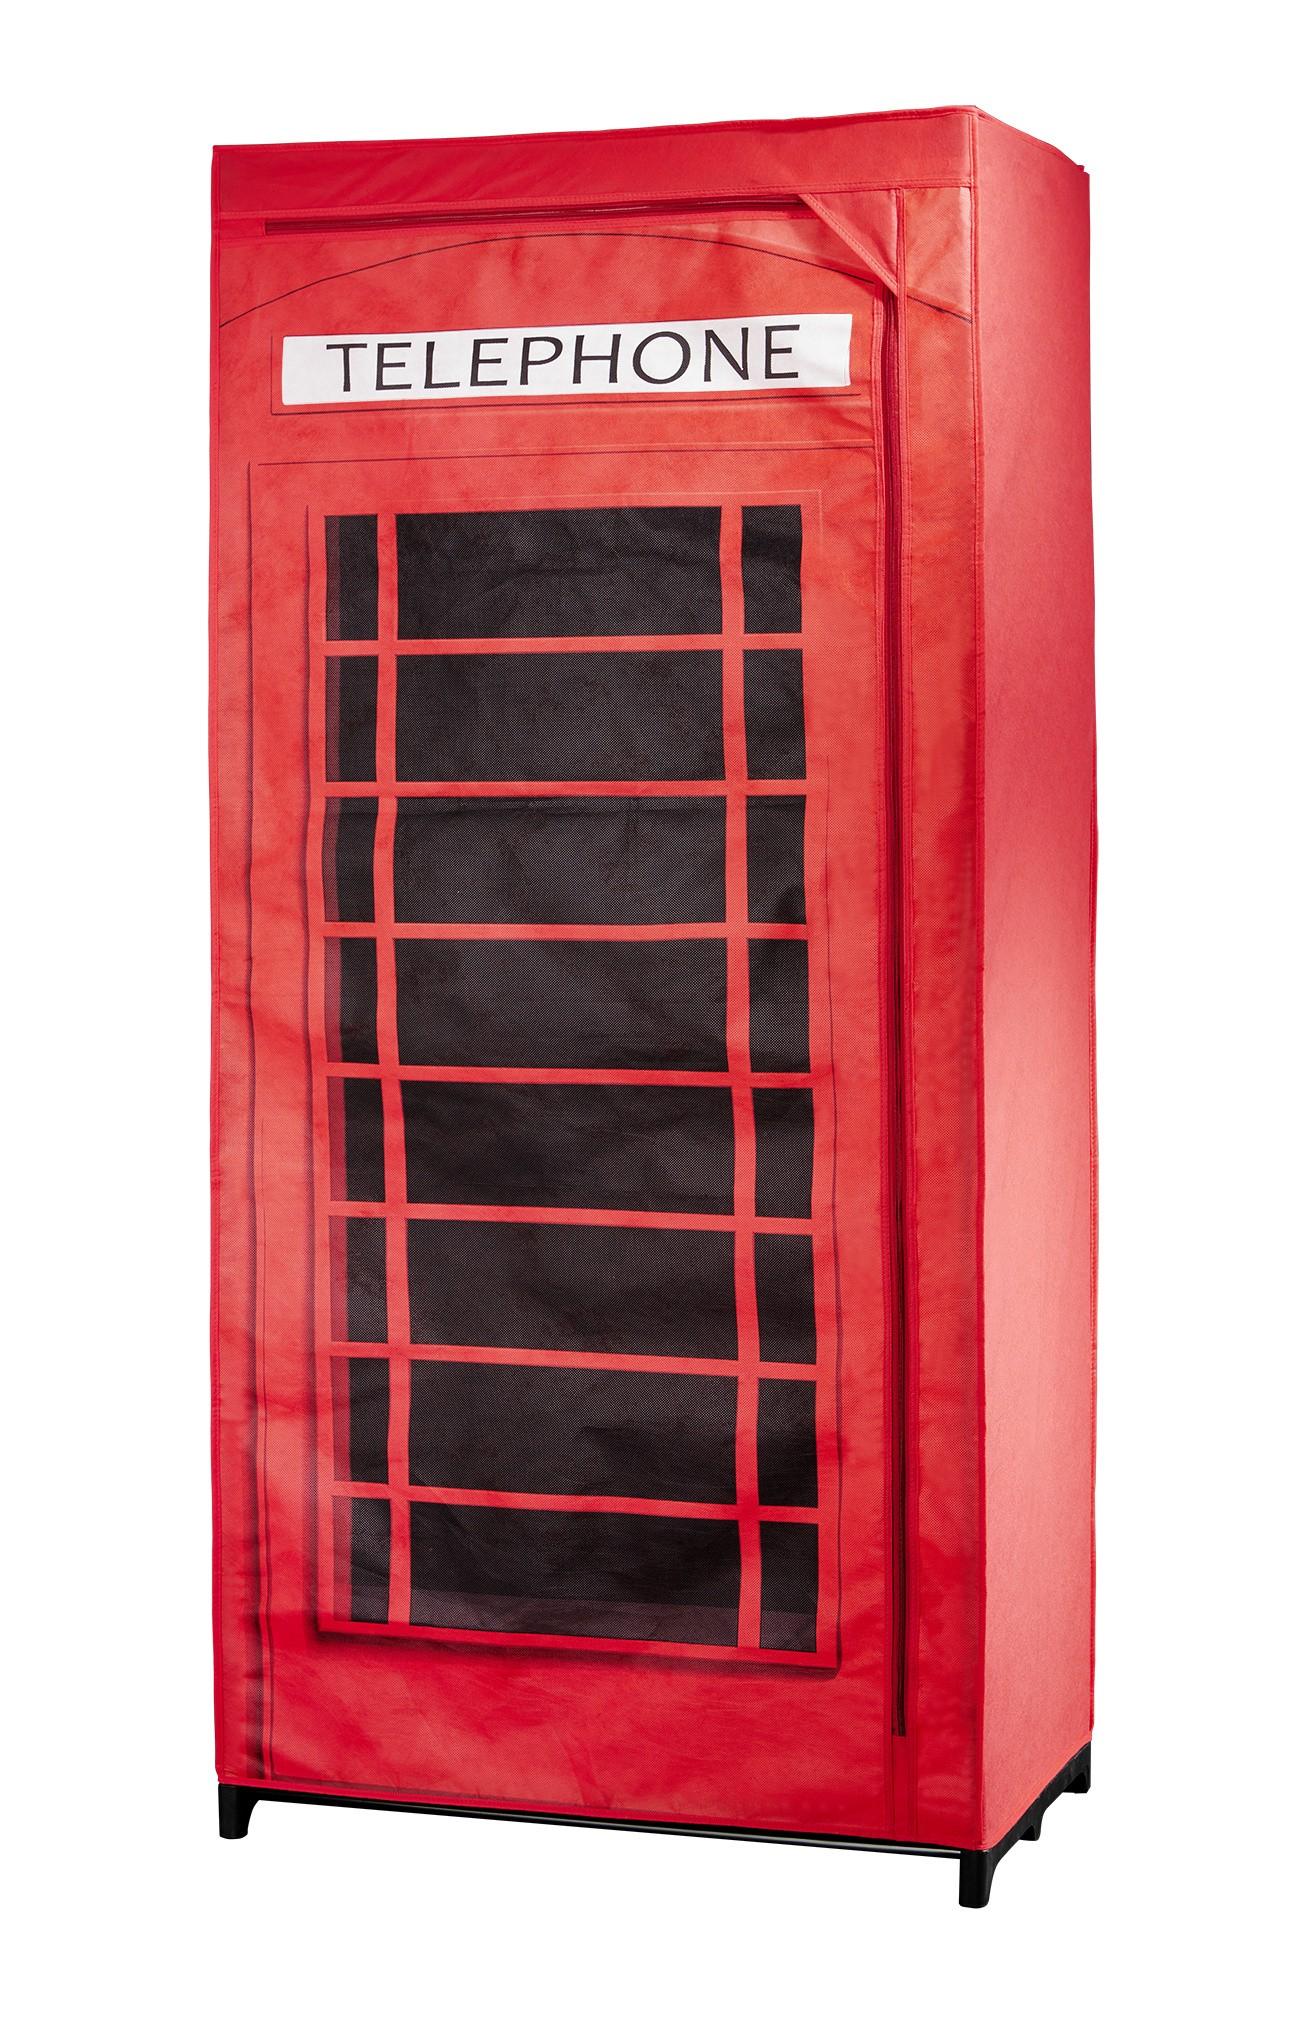 Kleiderschrank Telefonzelle Großbritannien